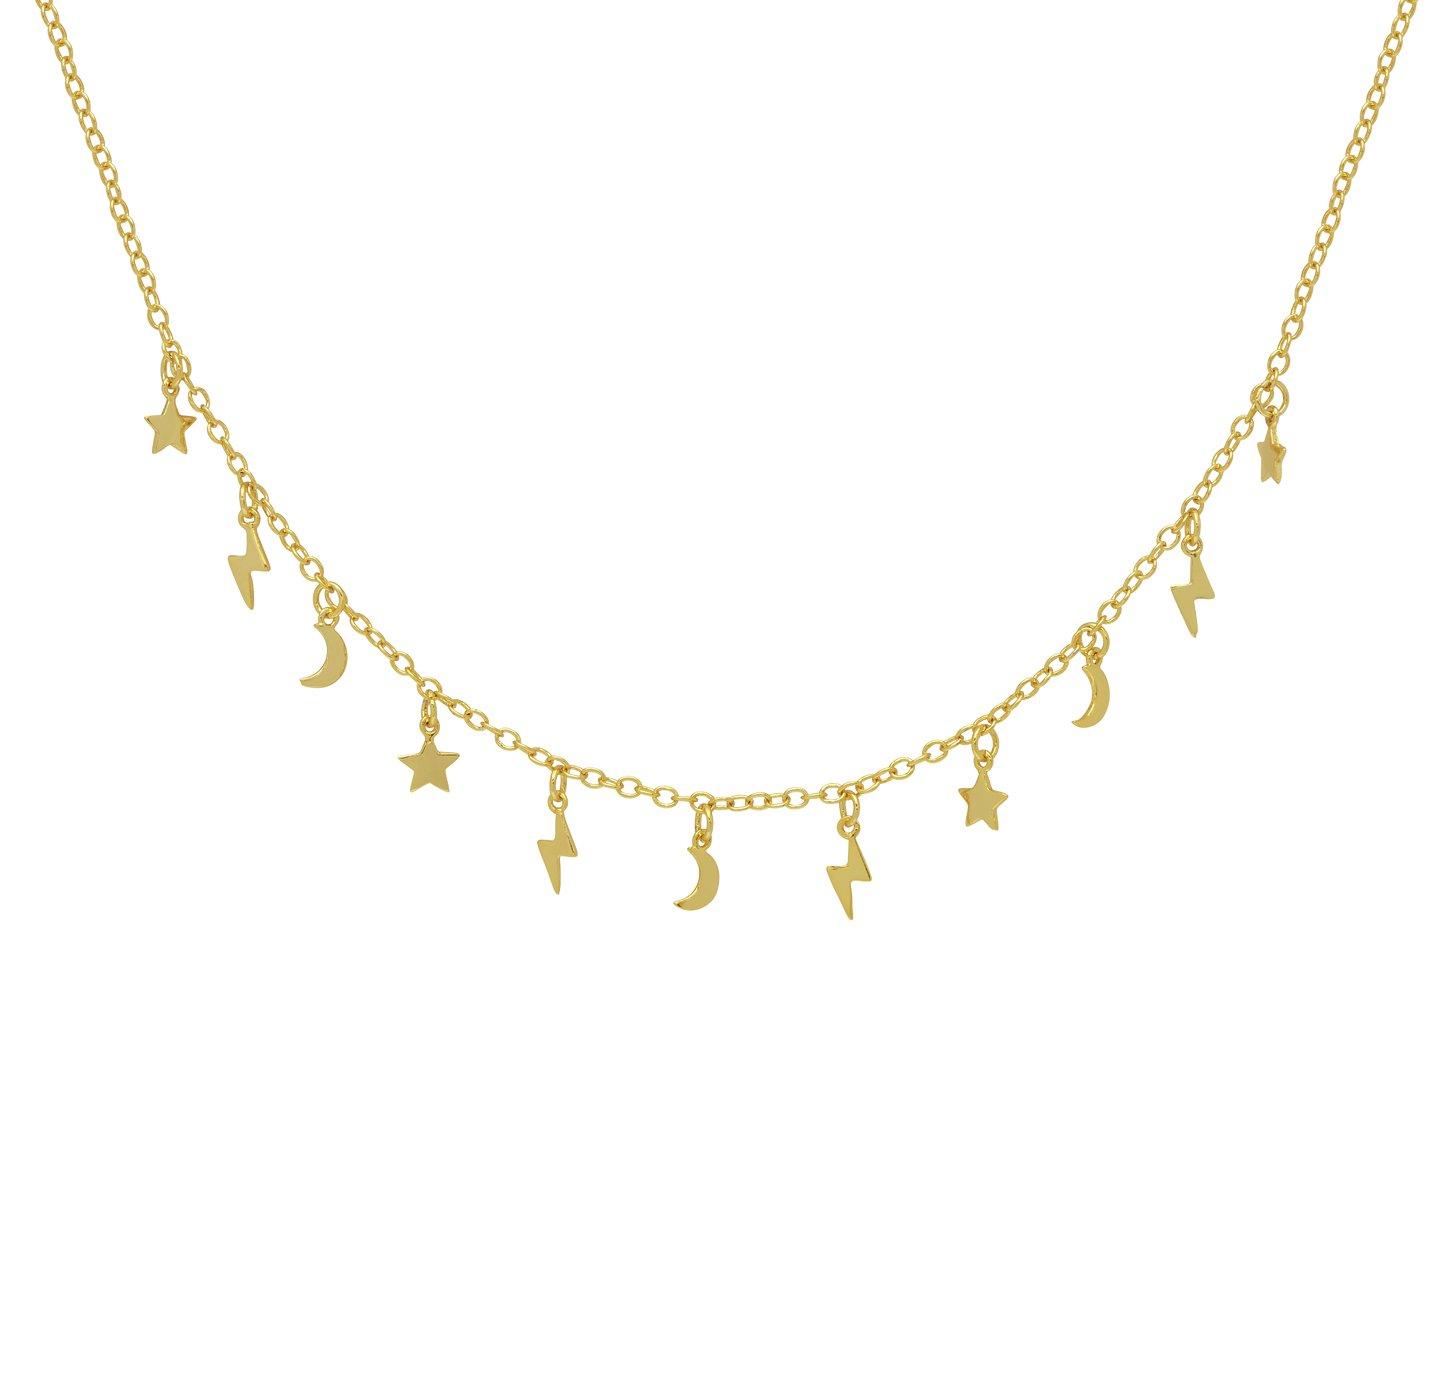 Amelia Grace Multi Drop Stellar Necklace